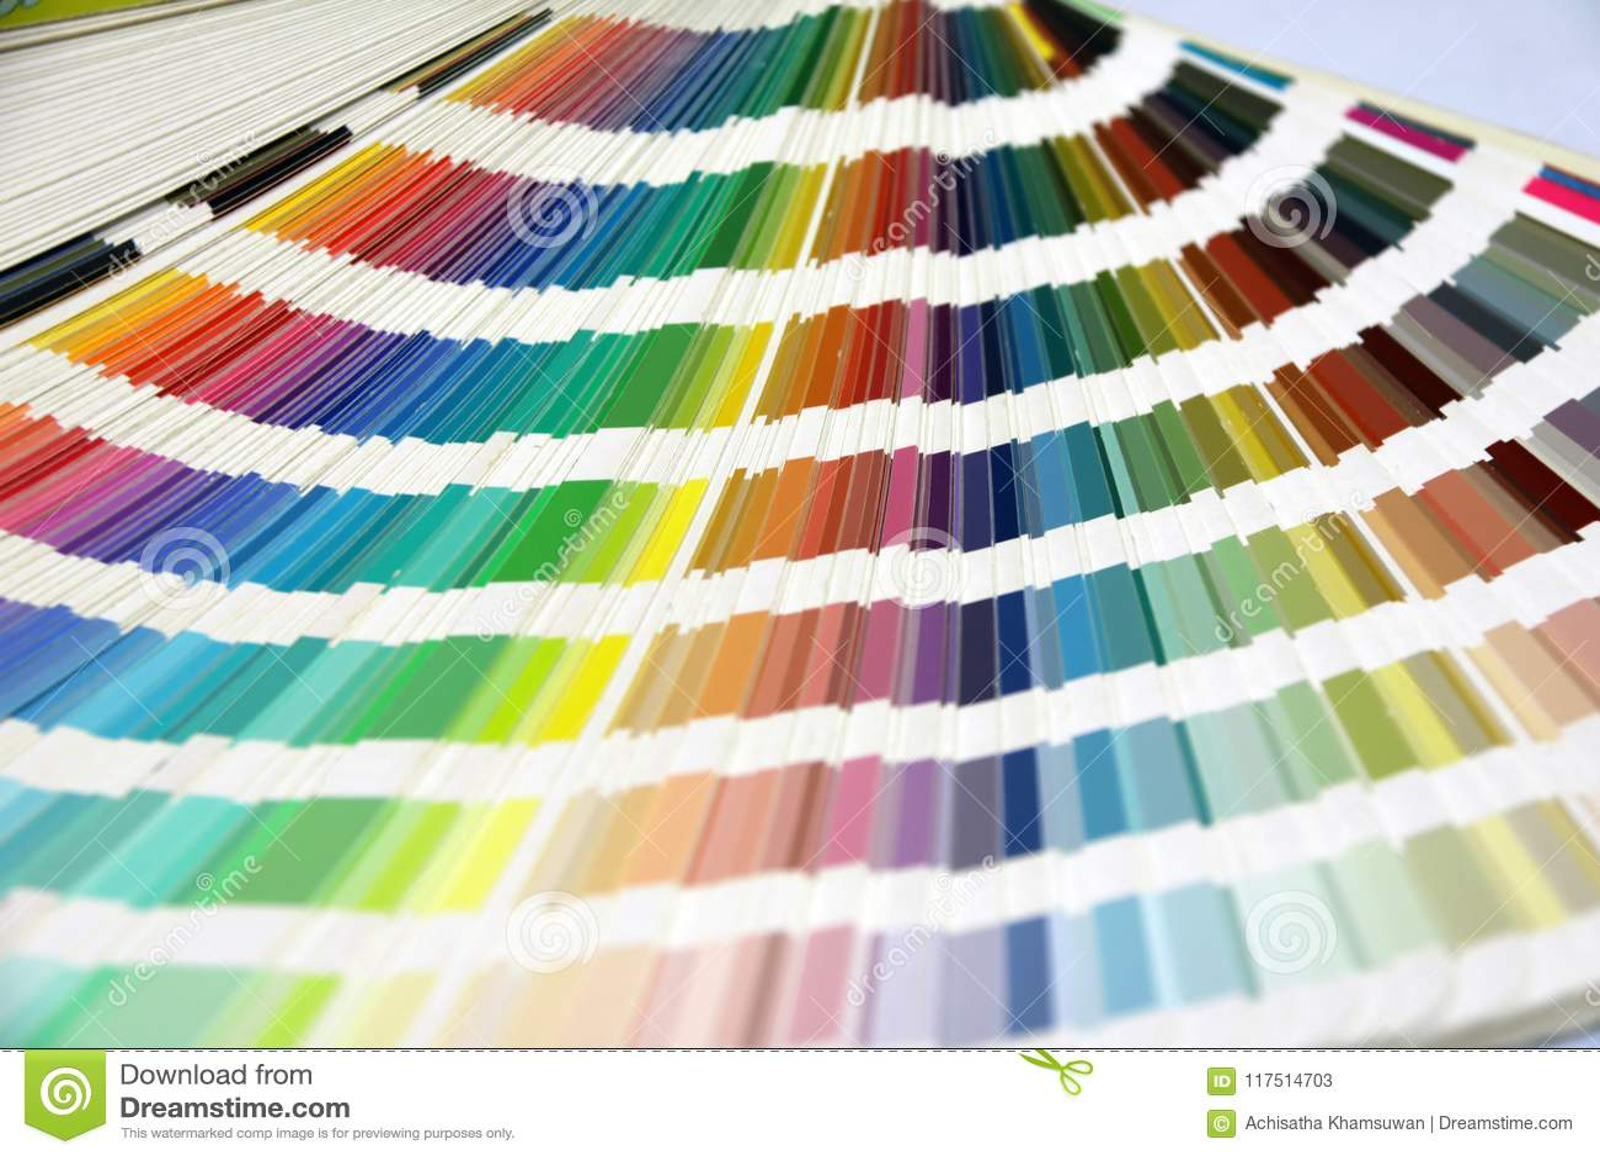 El Catálogo De La Paleta De Colores De La Muestra Del Arco Iris ...